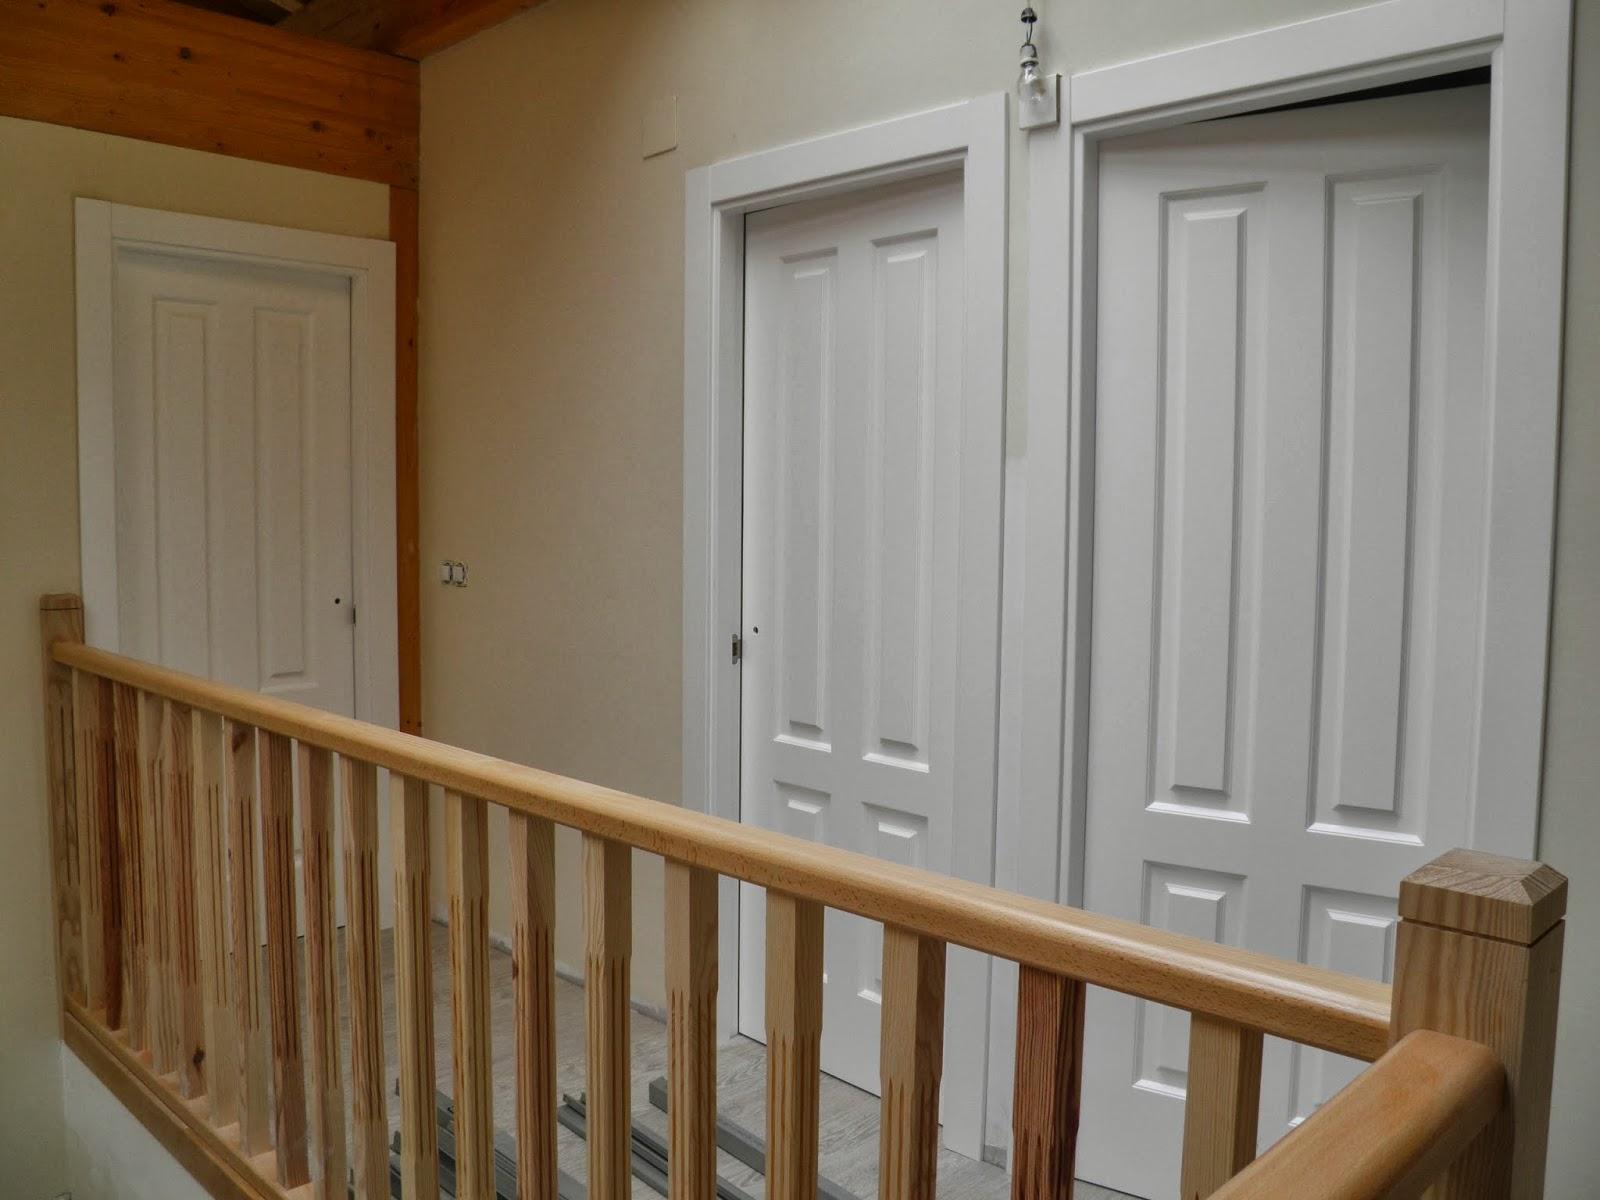 El peku la barandilla de la escalera - Casas de madera blancas ...